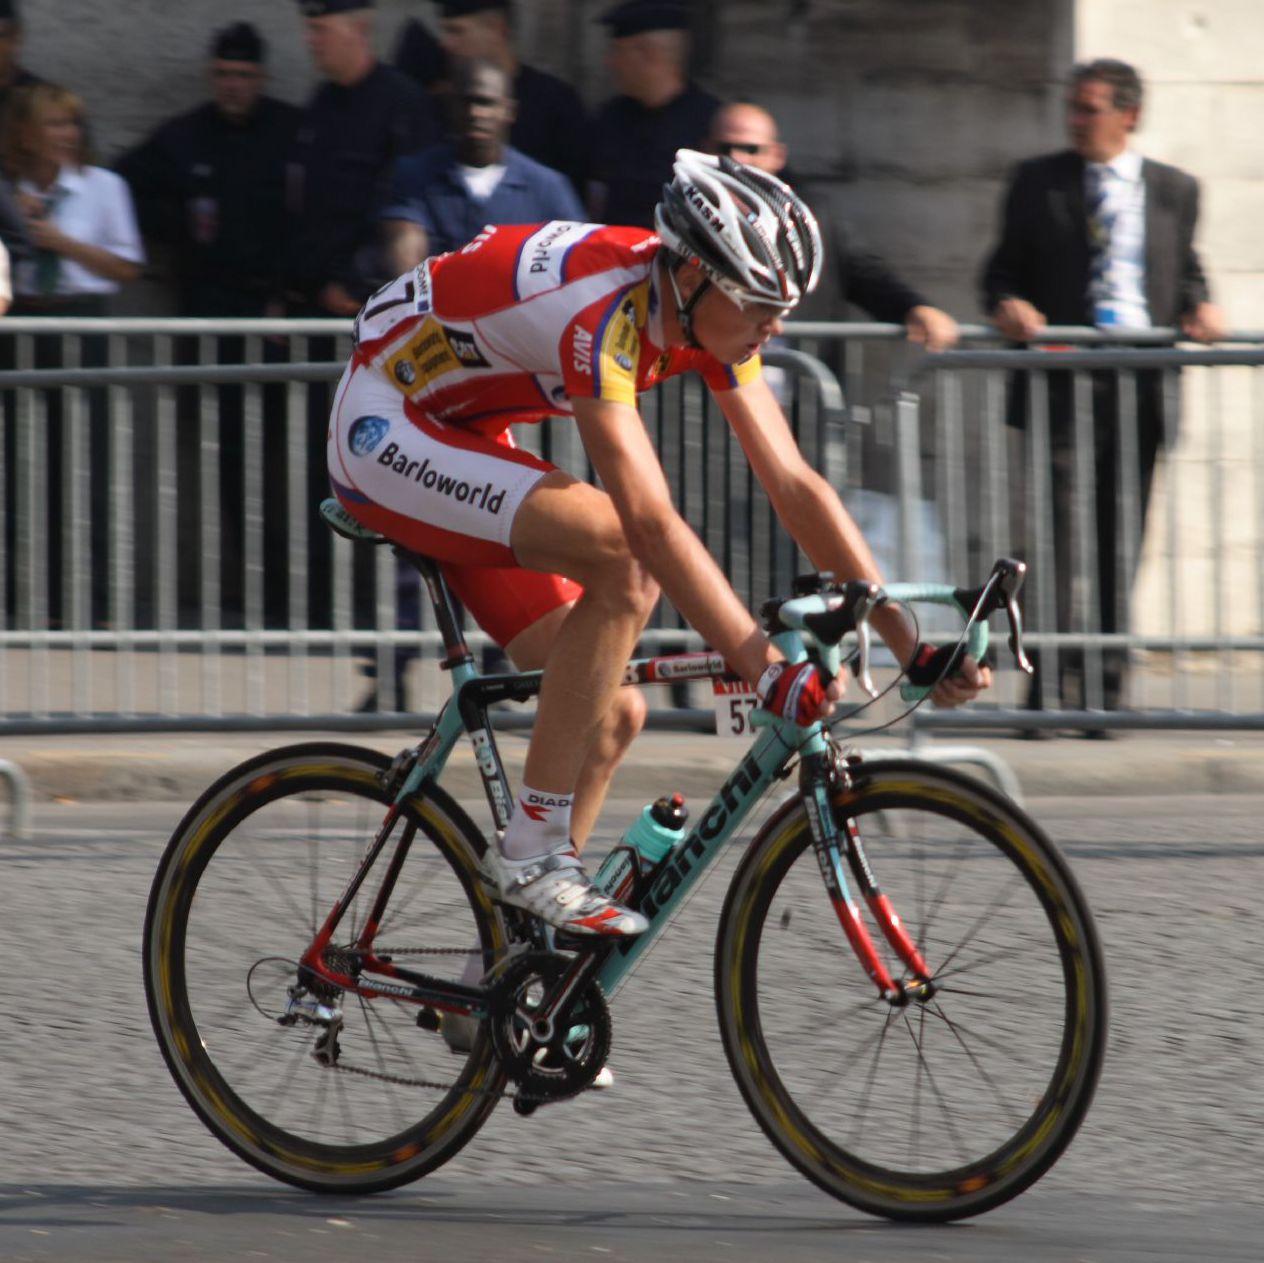 Chris Froome durante a súa etapa no equipo Barloworld / Fonte: velonews.com